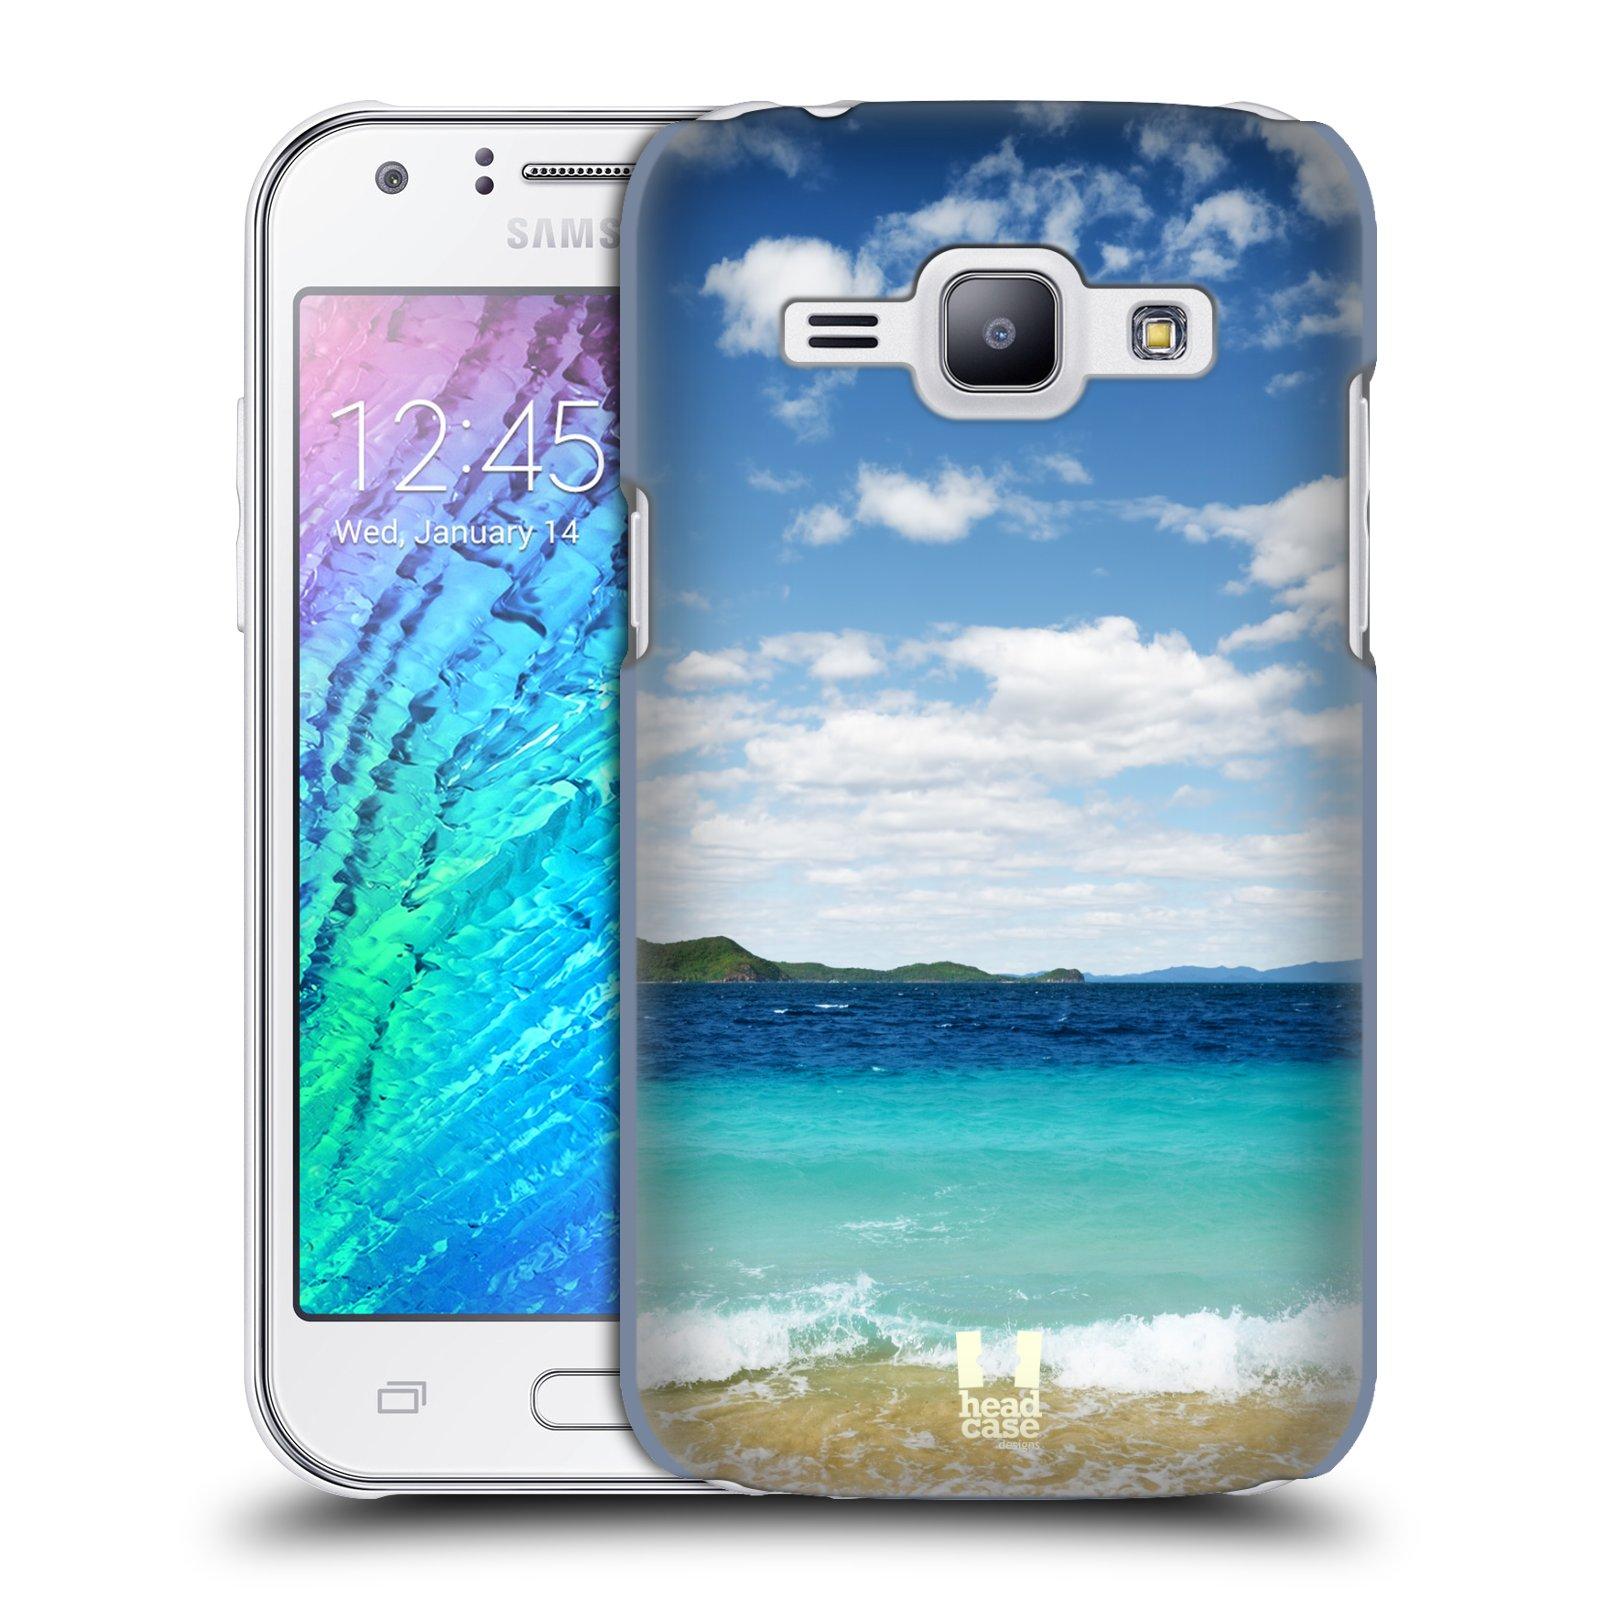 HEAD CASE plastový obal na mobil SAMSUNG Galaxy J1, J100 vzor Pláže a Moře VZDÁLENÝ OSTROV